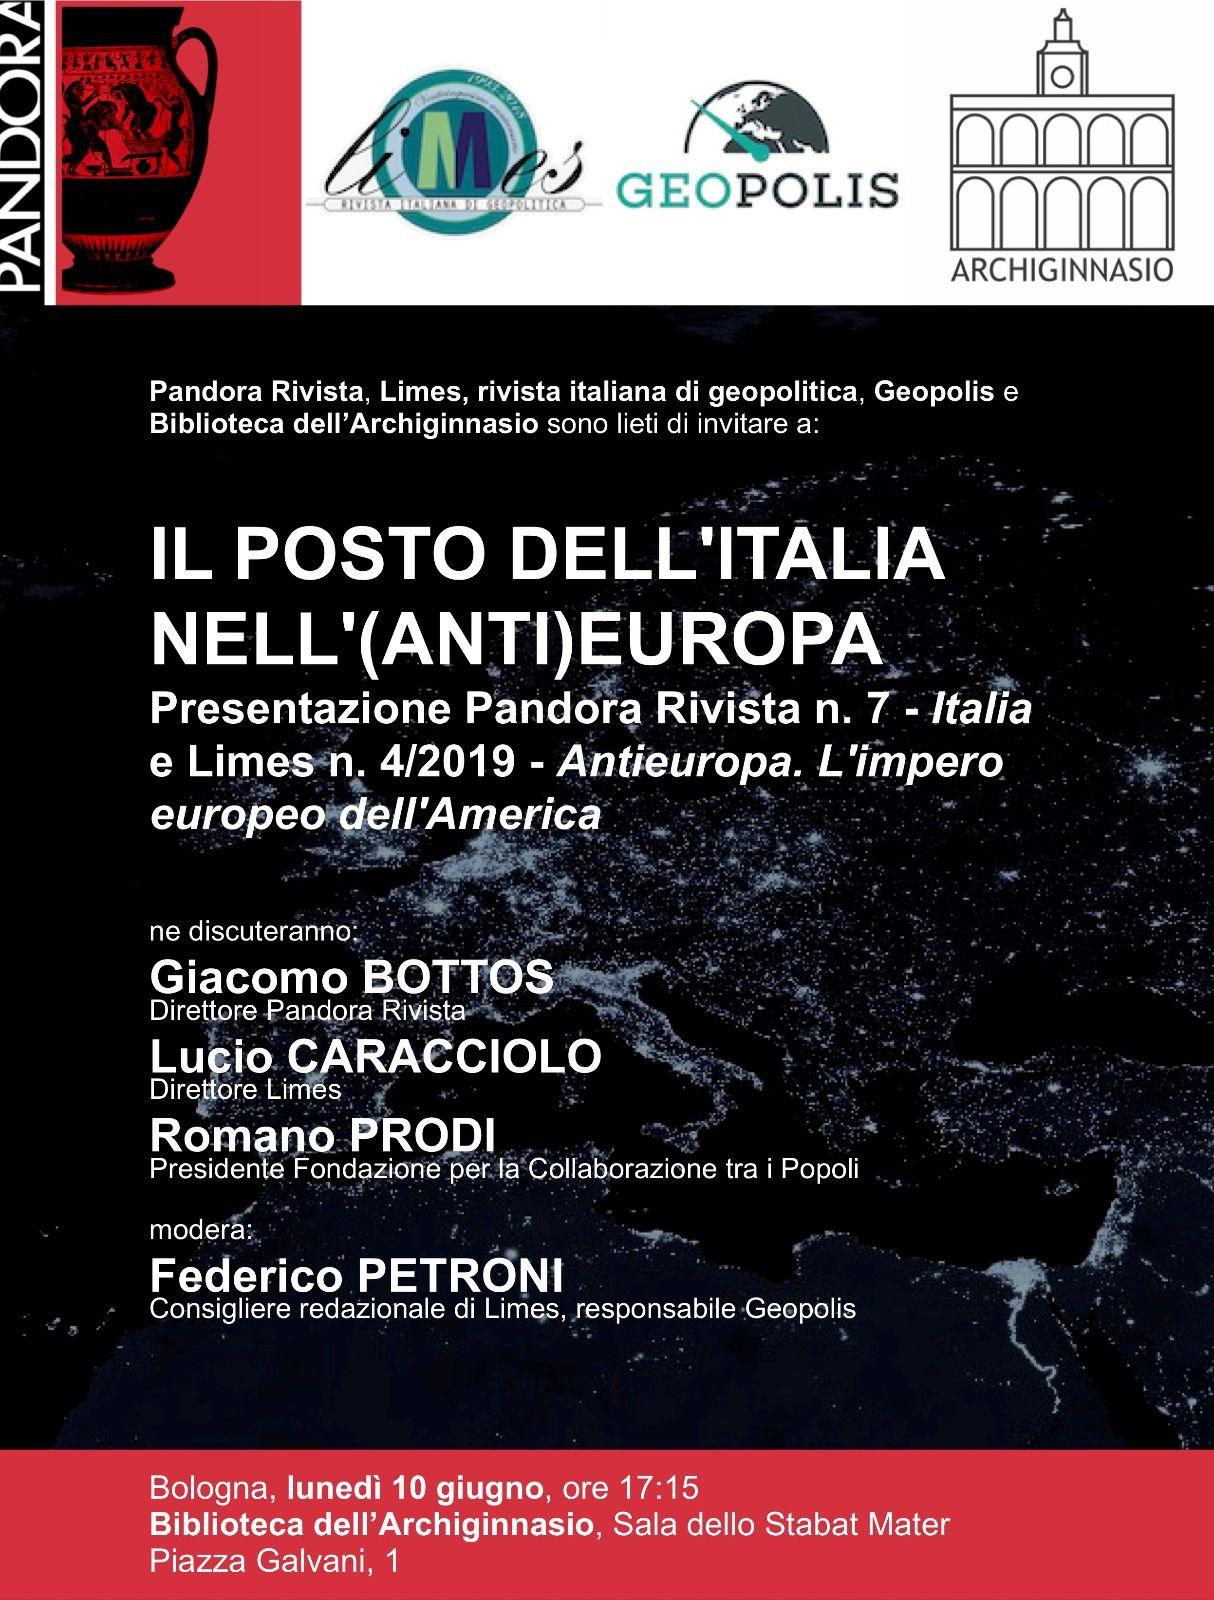 Conferenza Prodi Caracciolo Bologna